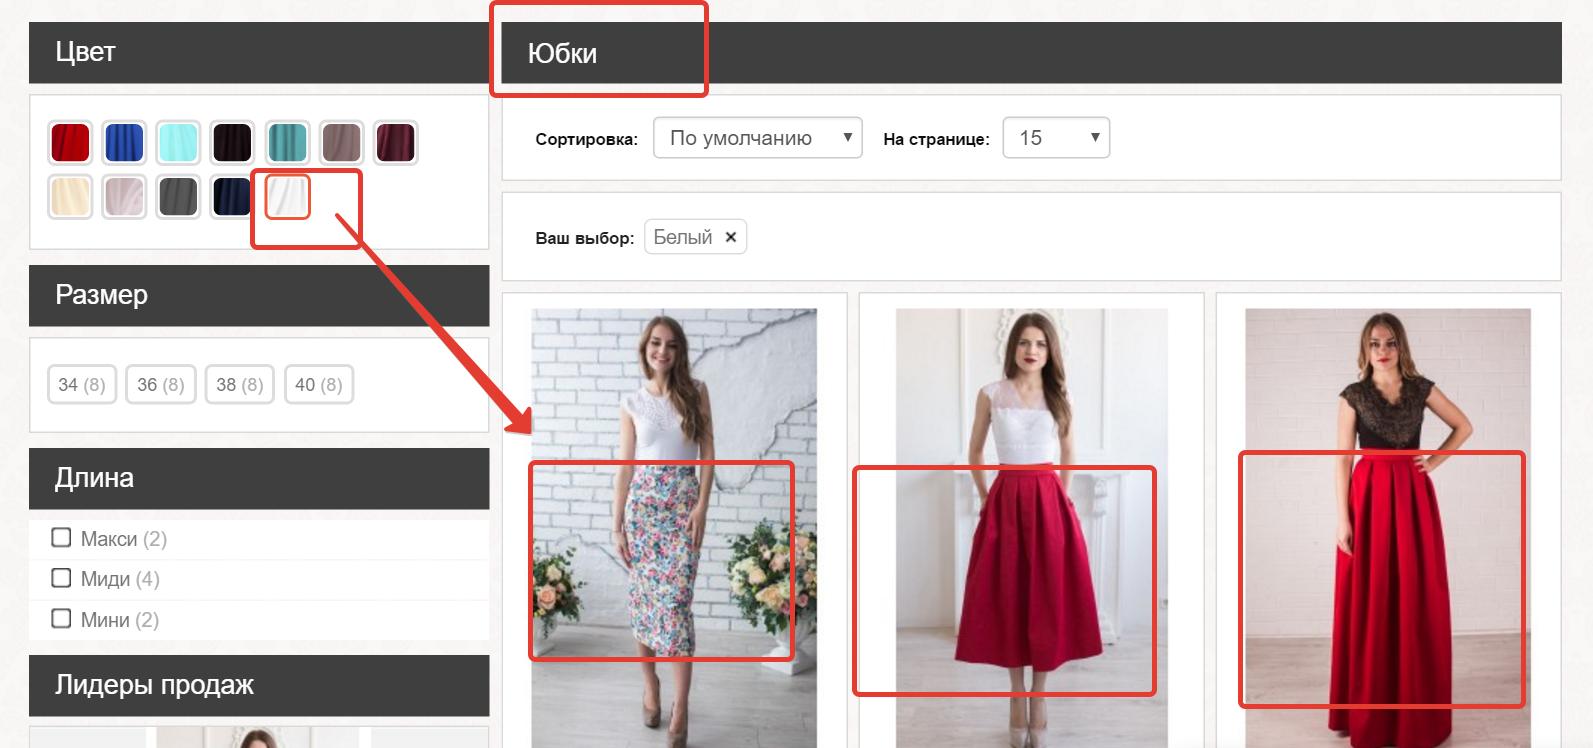 В фильтре выбран белый цвет юбок, но посетитель видит другие цвета